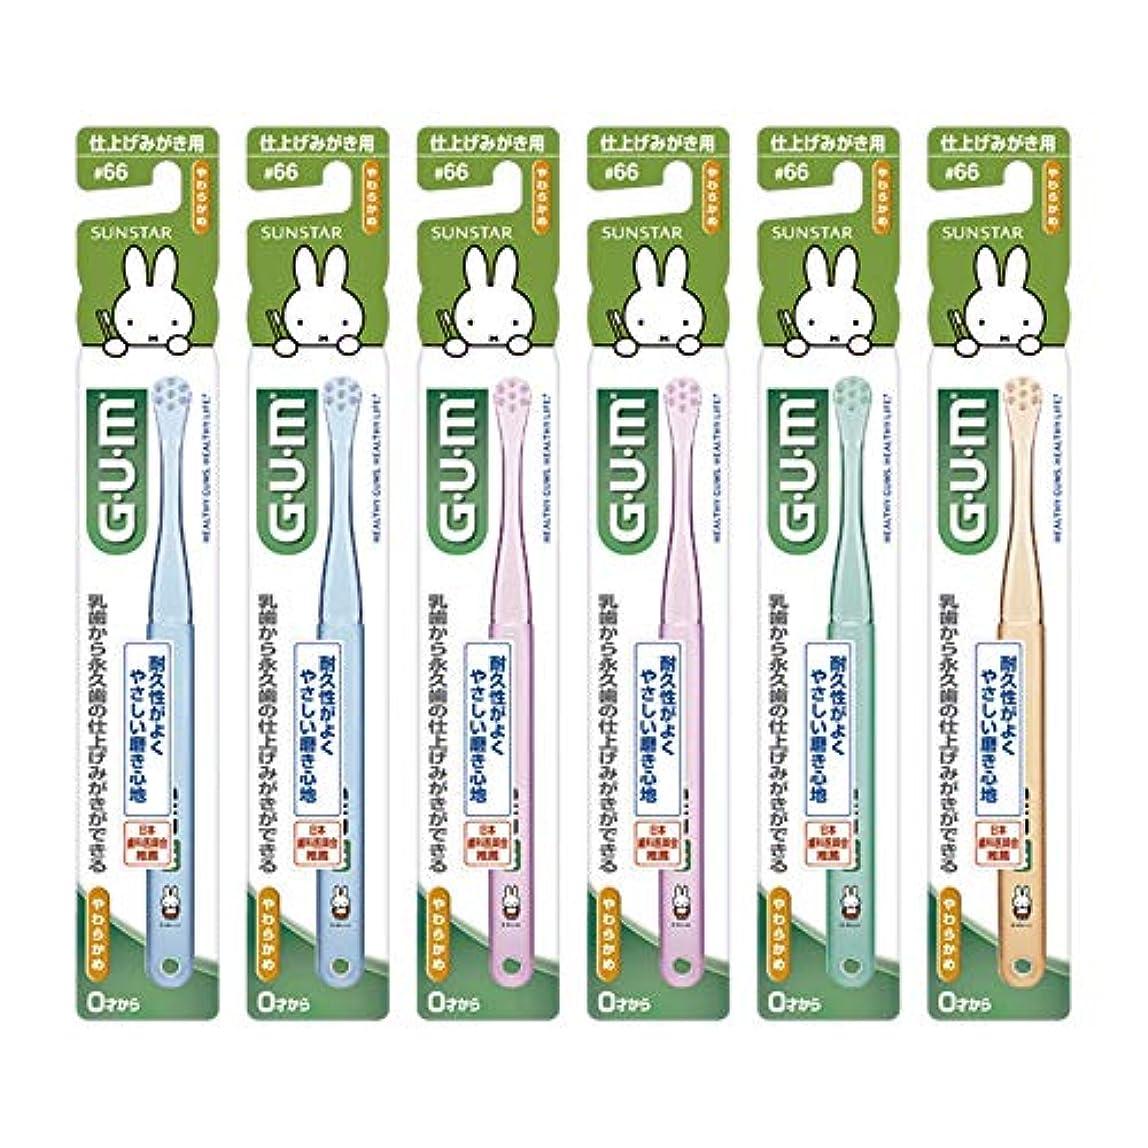 武器独裁者六月GUM(ガム) デンタル こども 歯ブラシ #66 [仕上げみがき用/やわらかめ] 6本パック+ おまけつき【Amazon.co.jp限定】